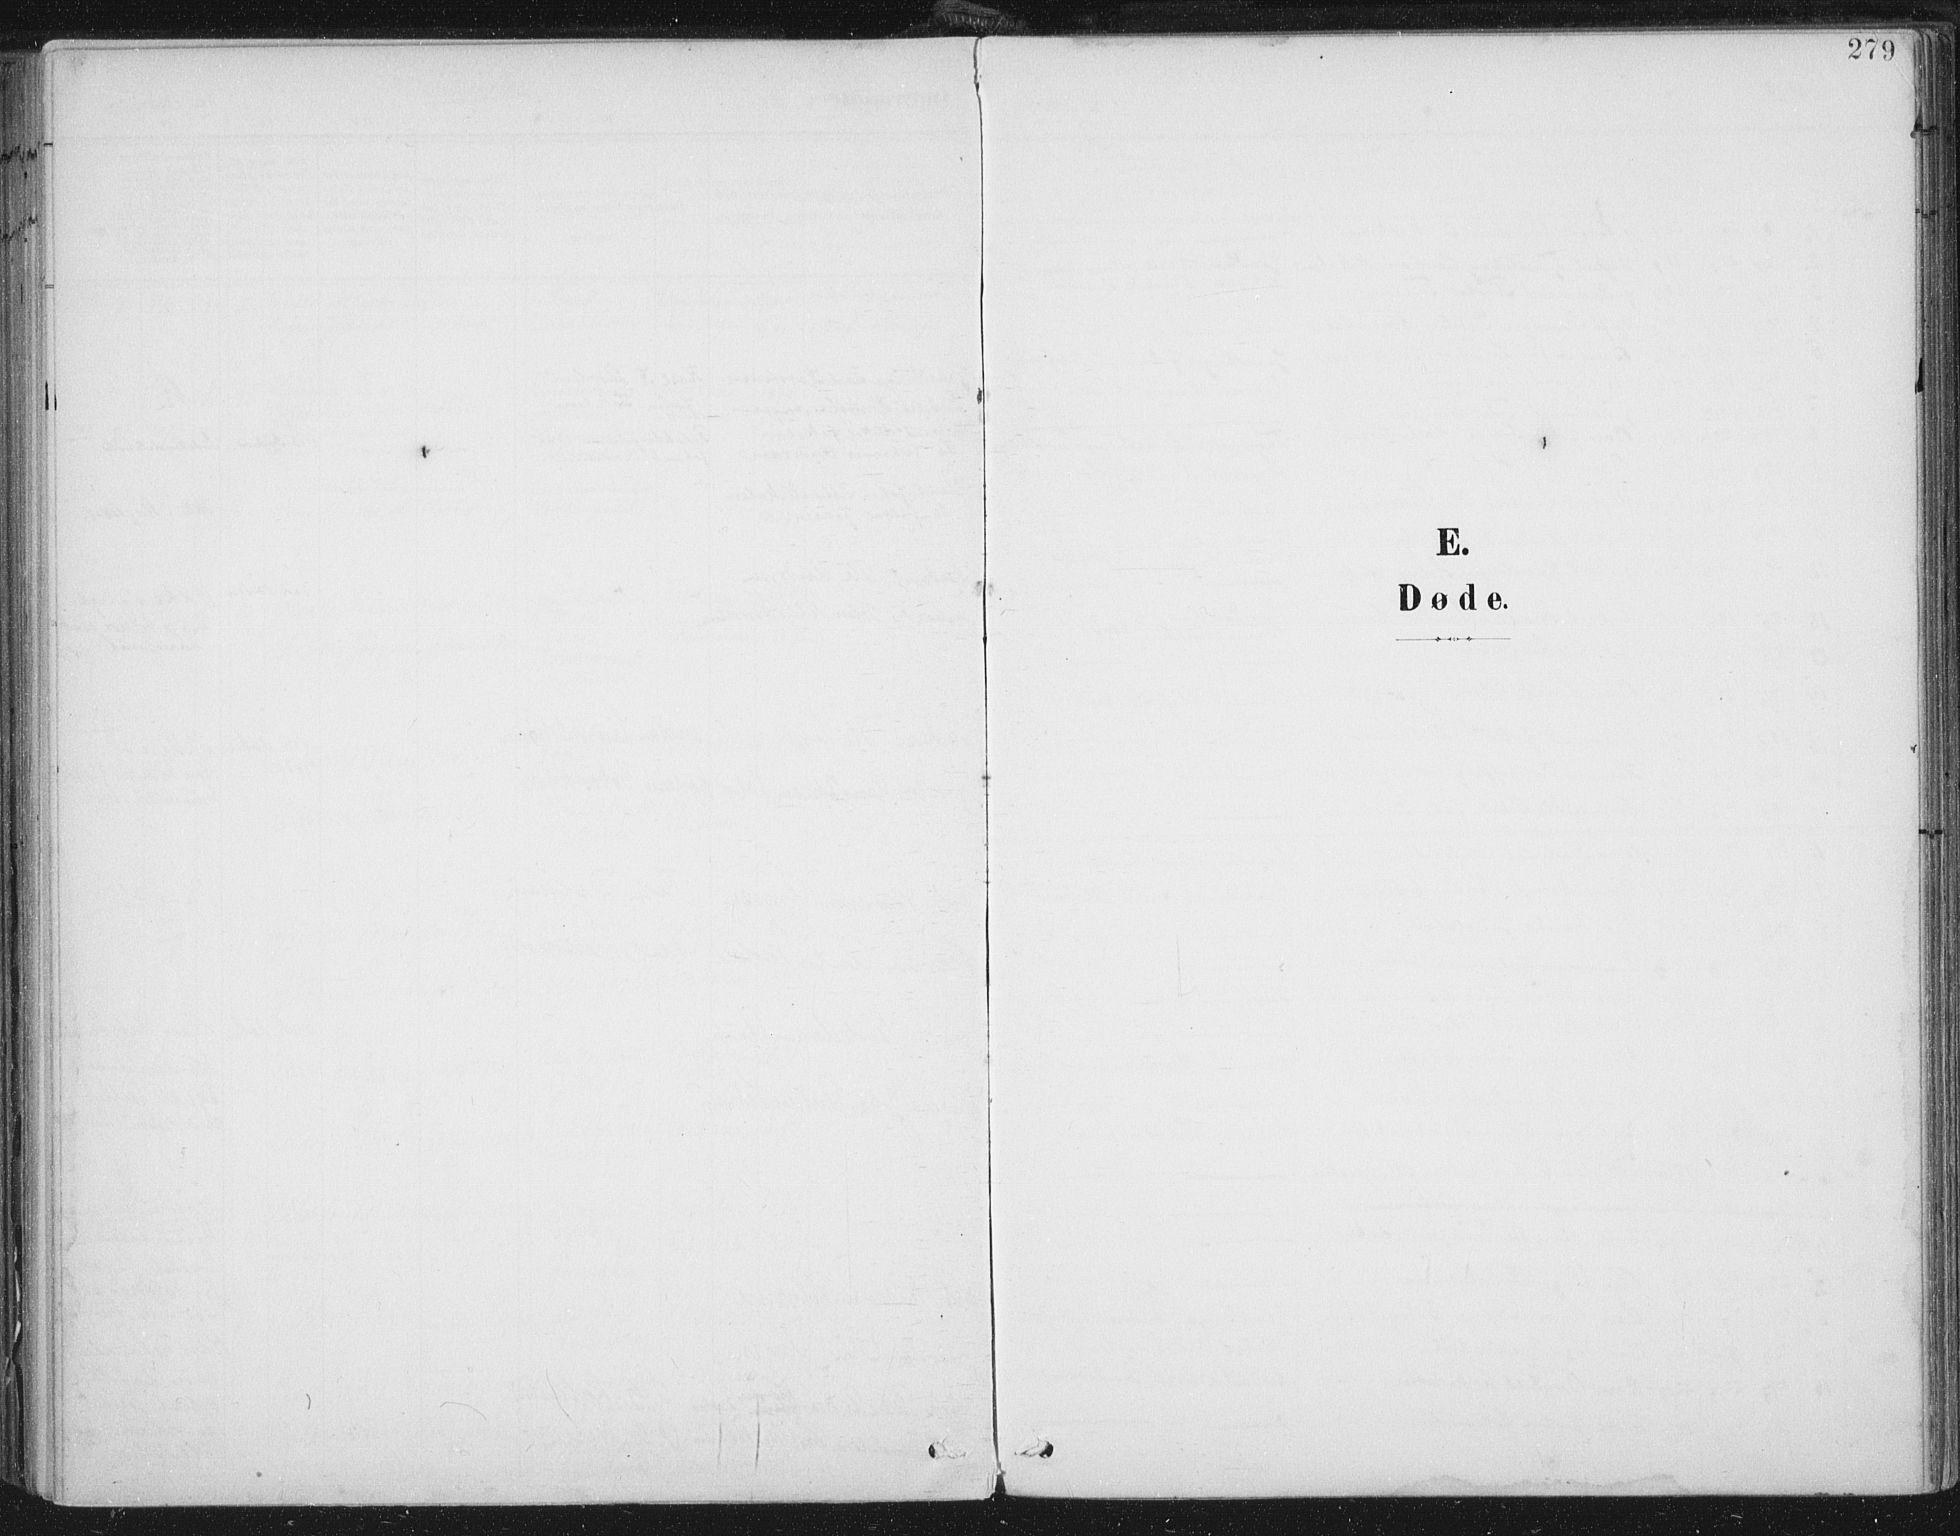 SAT, Ministerialprotokoller, klokkerbøker og fødselsregistre - Nord-Trøndelag, 723/L0246: Ministerialbok nr. 723A15, 1900-1917, s. 279